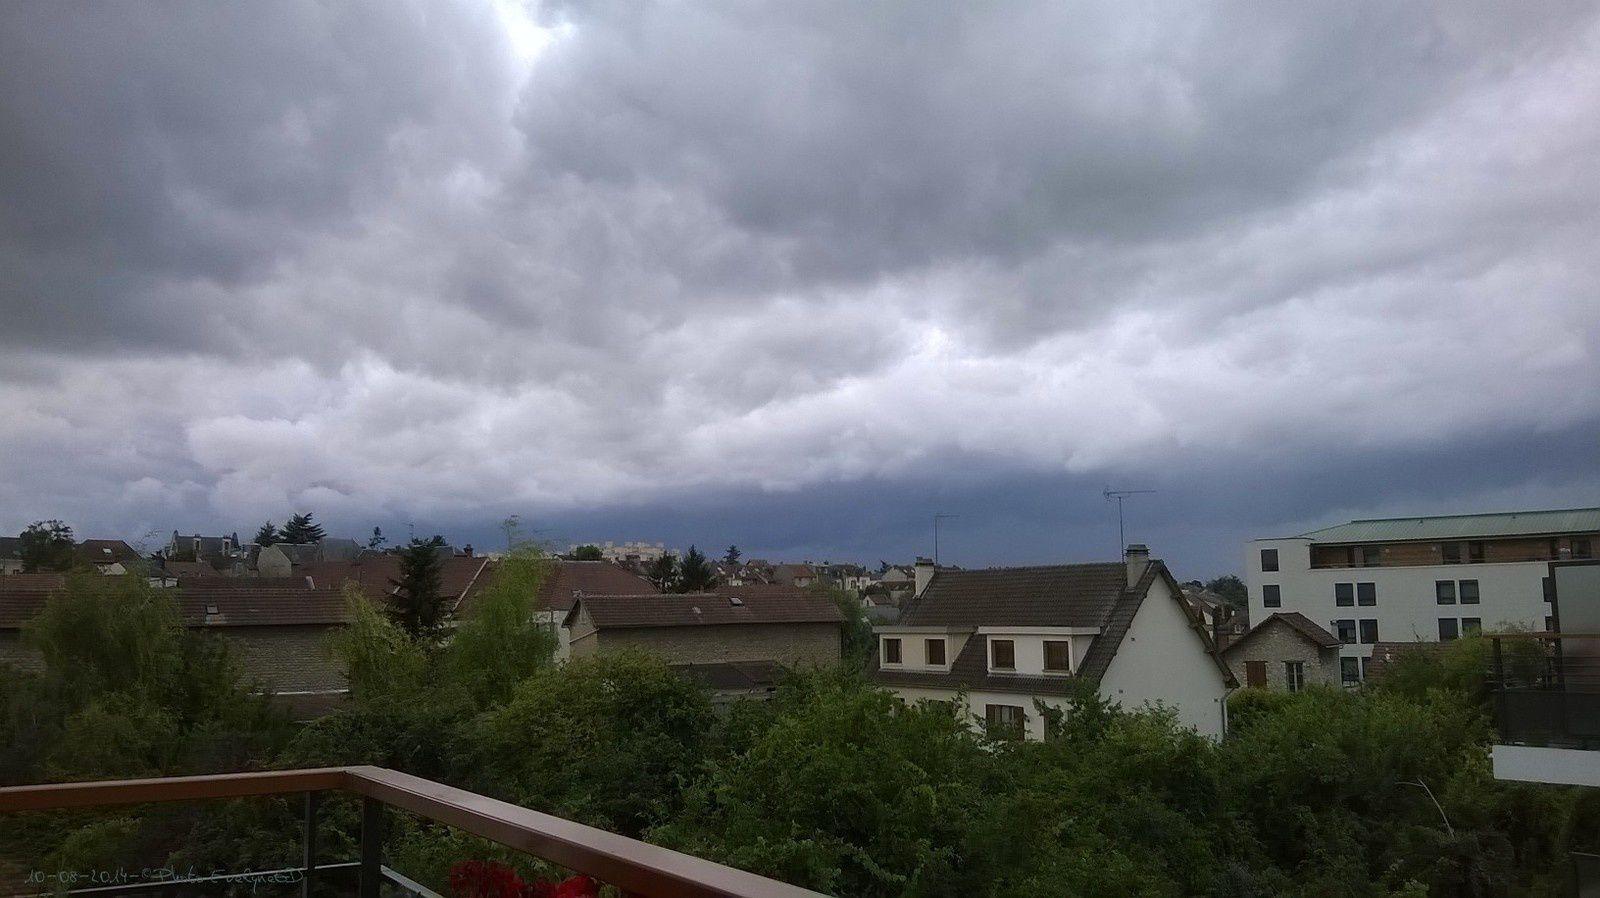 Il pleuvait fort... sur mon balcon...